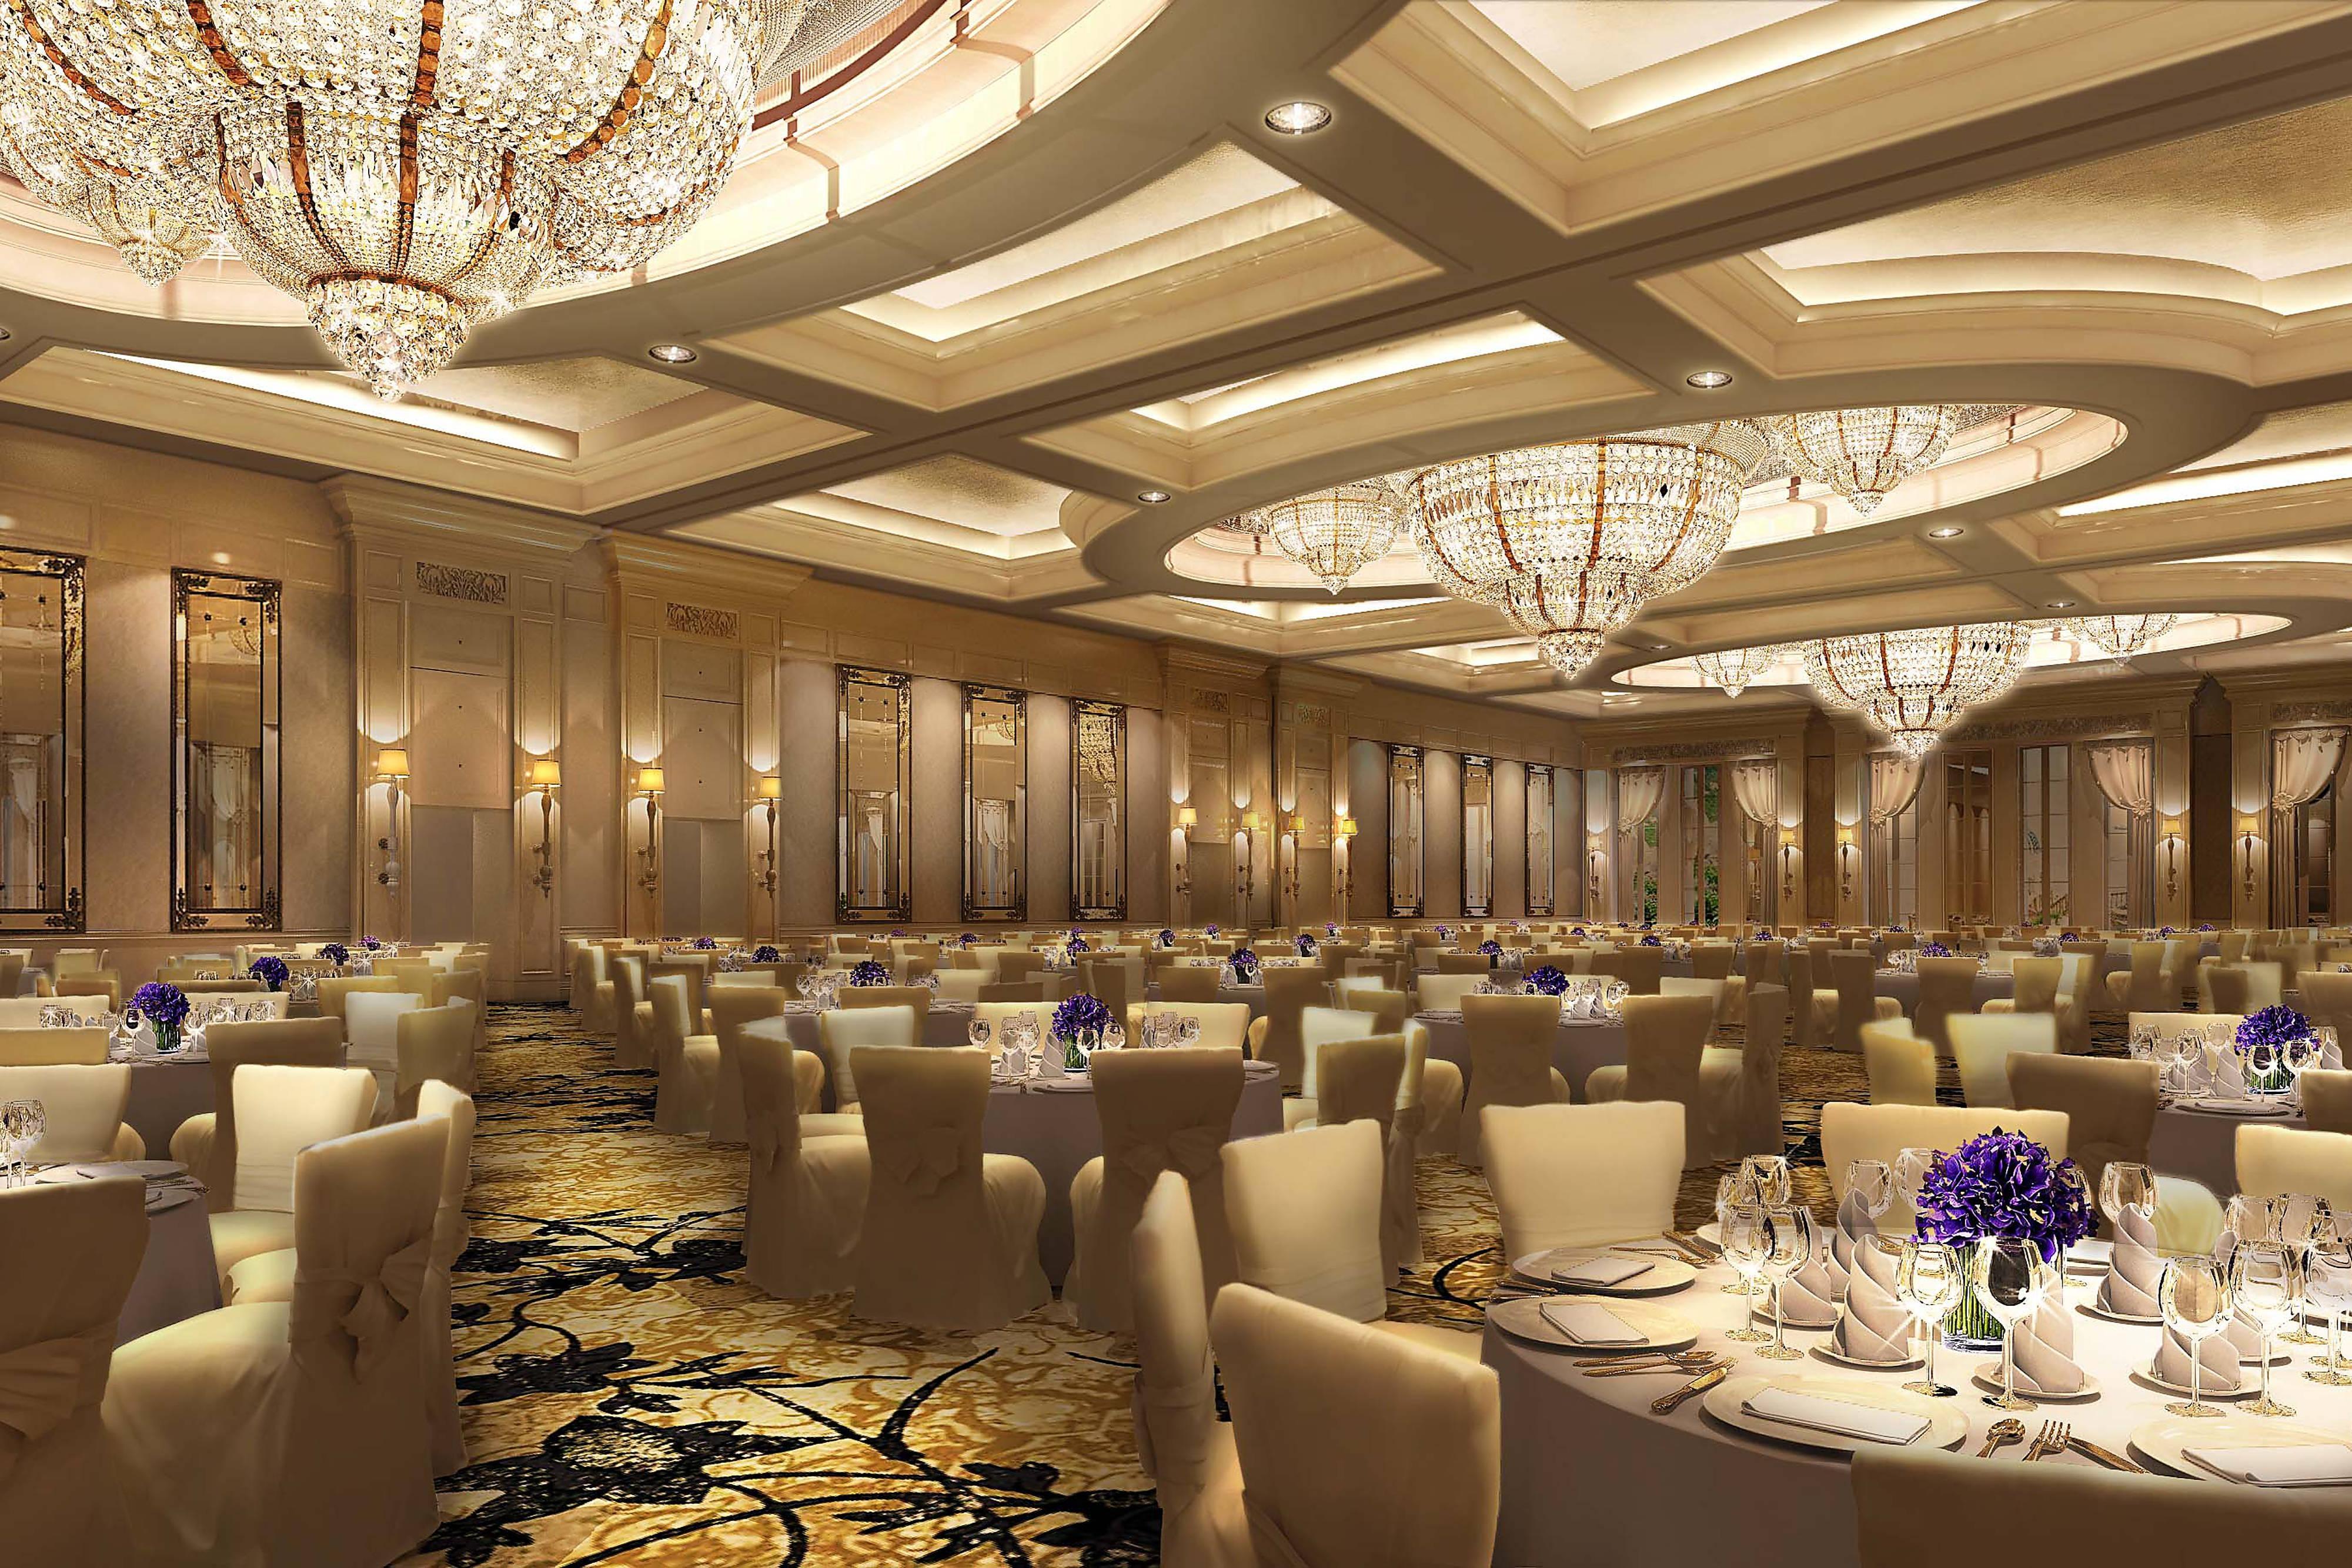 Chengbao Grand Ballroom - Rendering